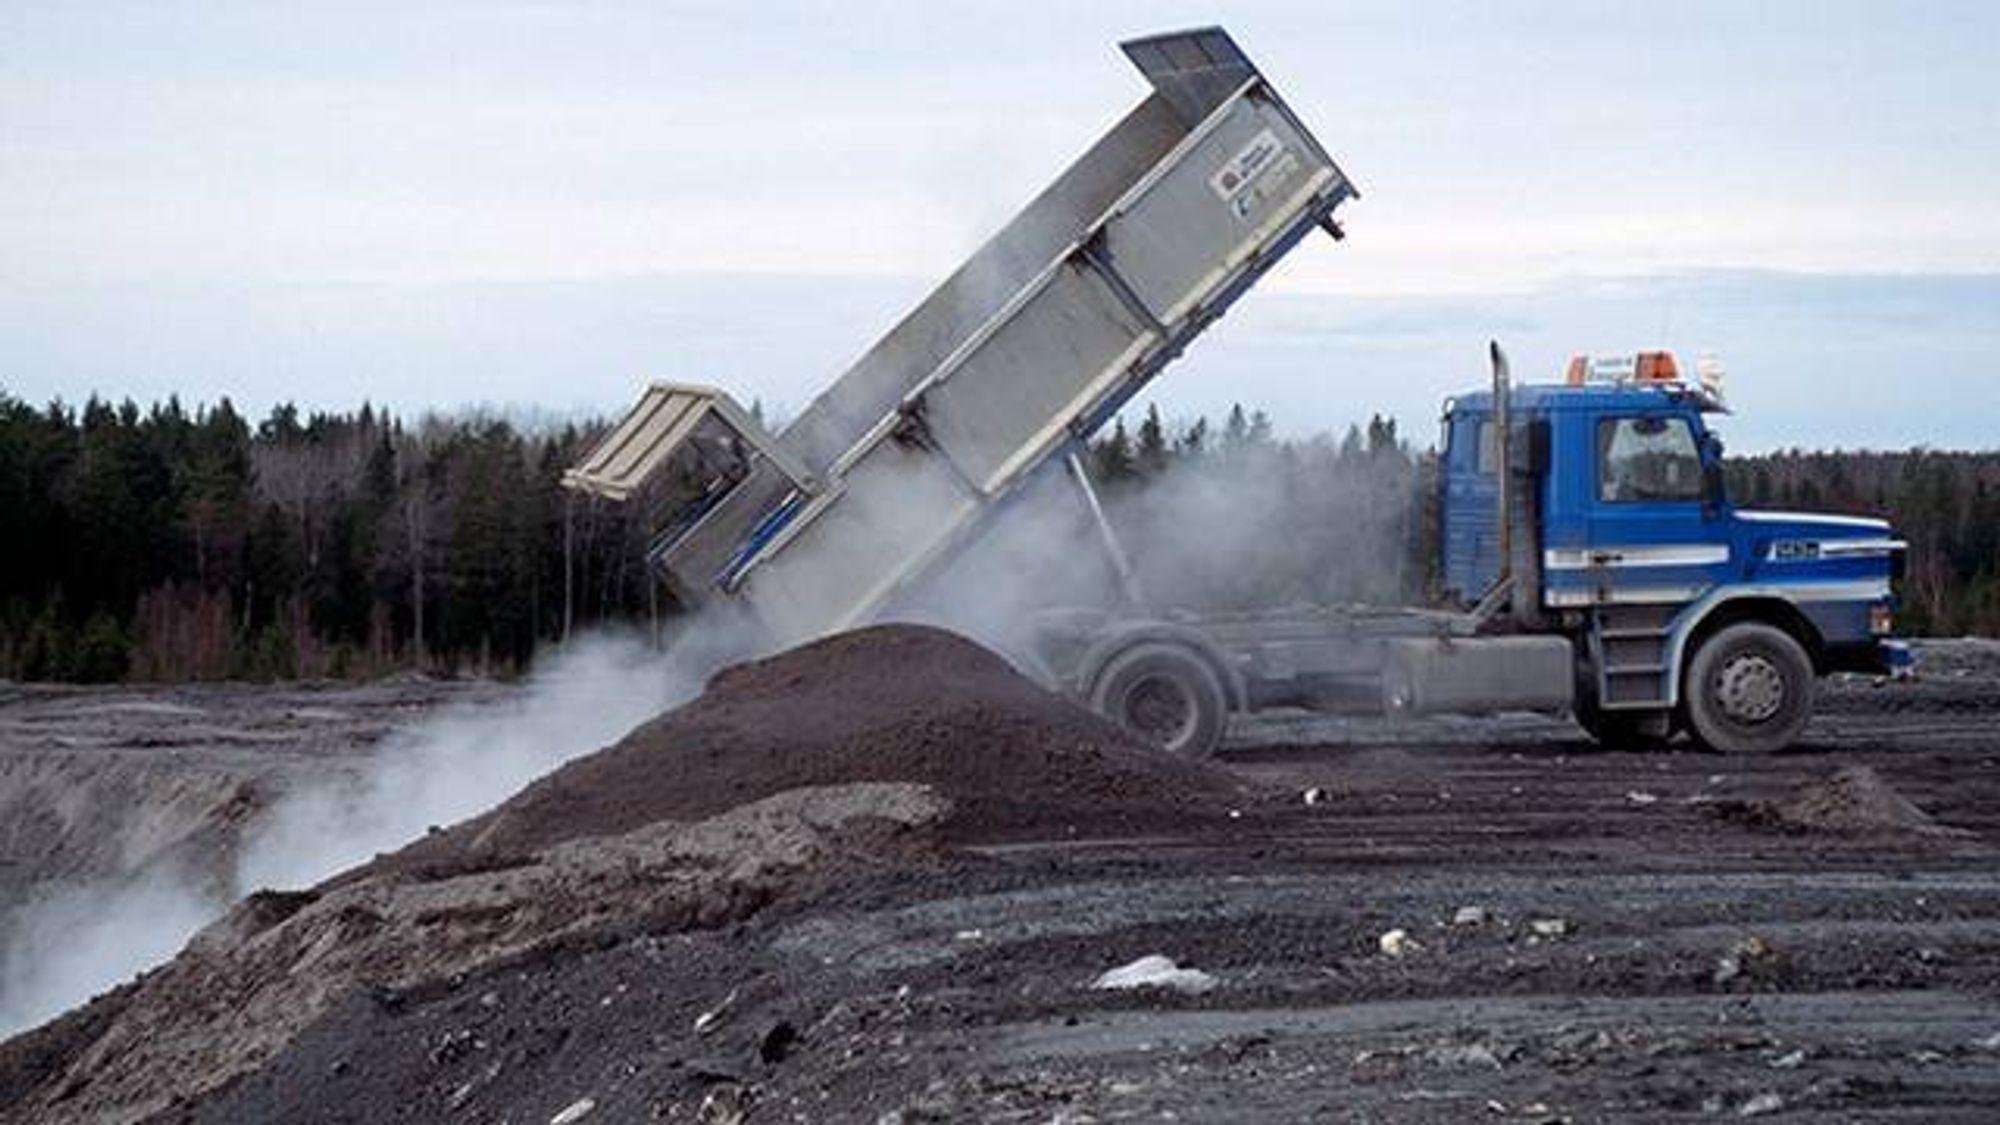 Flygeaske kan inneholde miljøgifter og tungmetaller. Nå har forskere funnet en metode som gjør at det kan benyttes i større grad i betong.